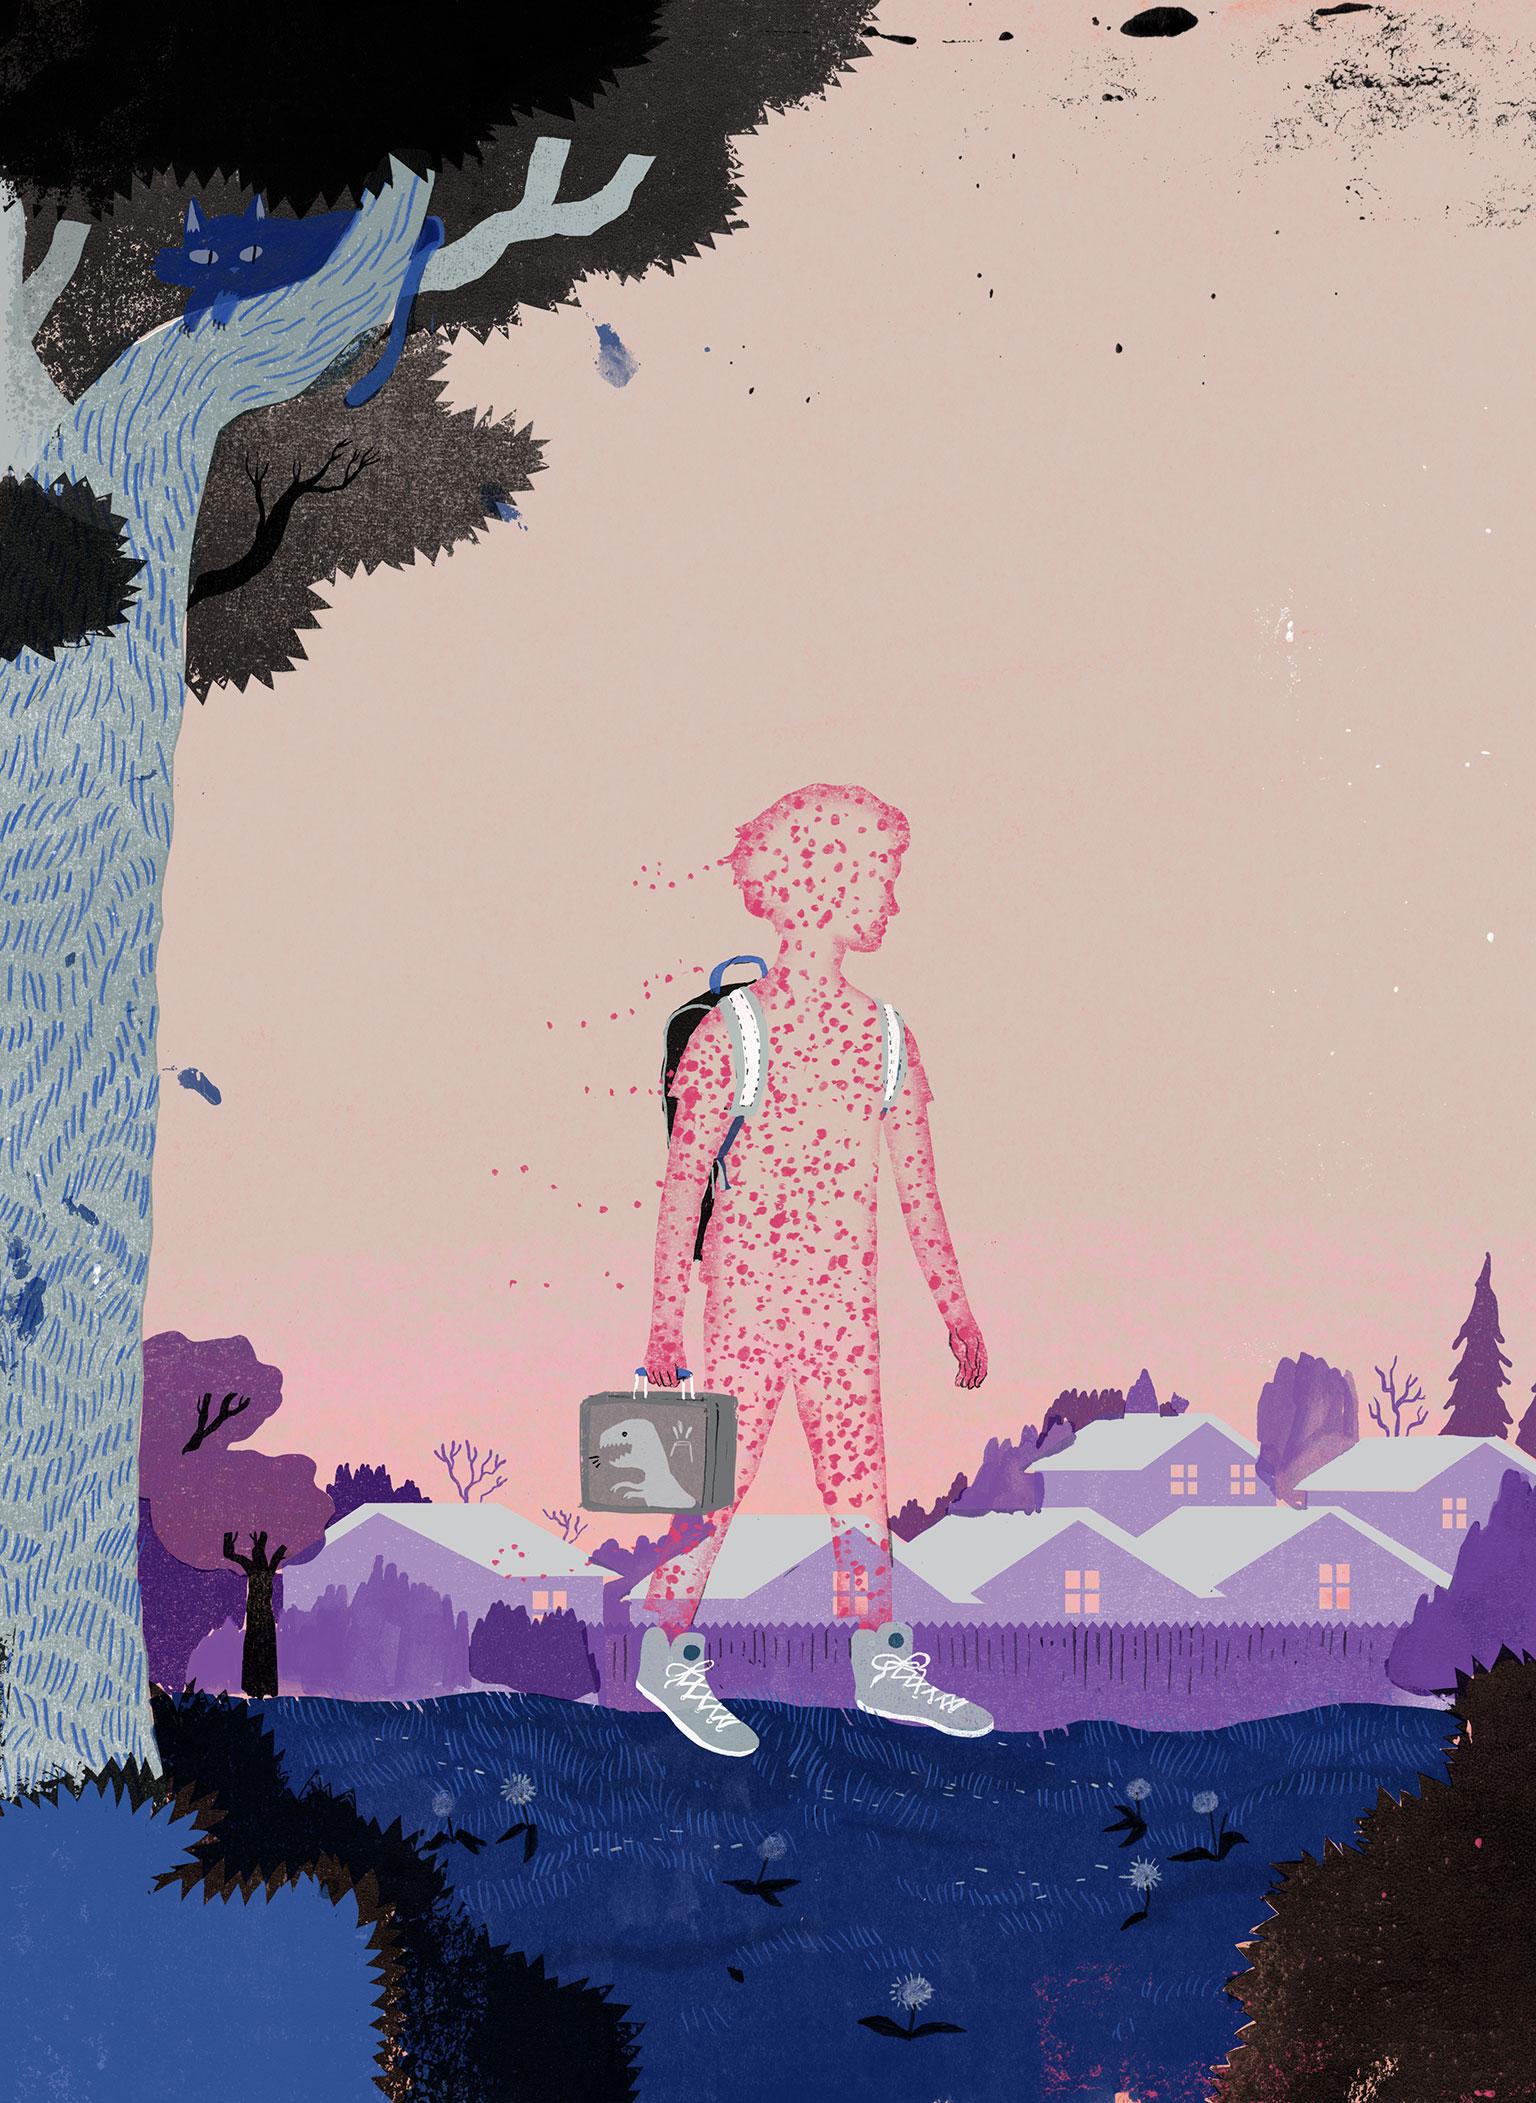 Illustration by Byron Eggenschwiler